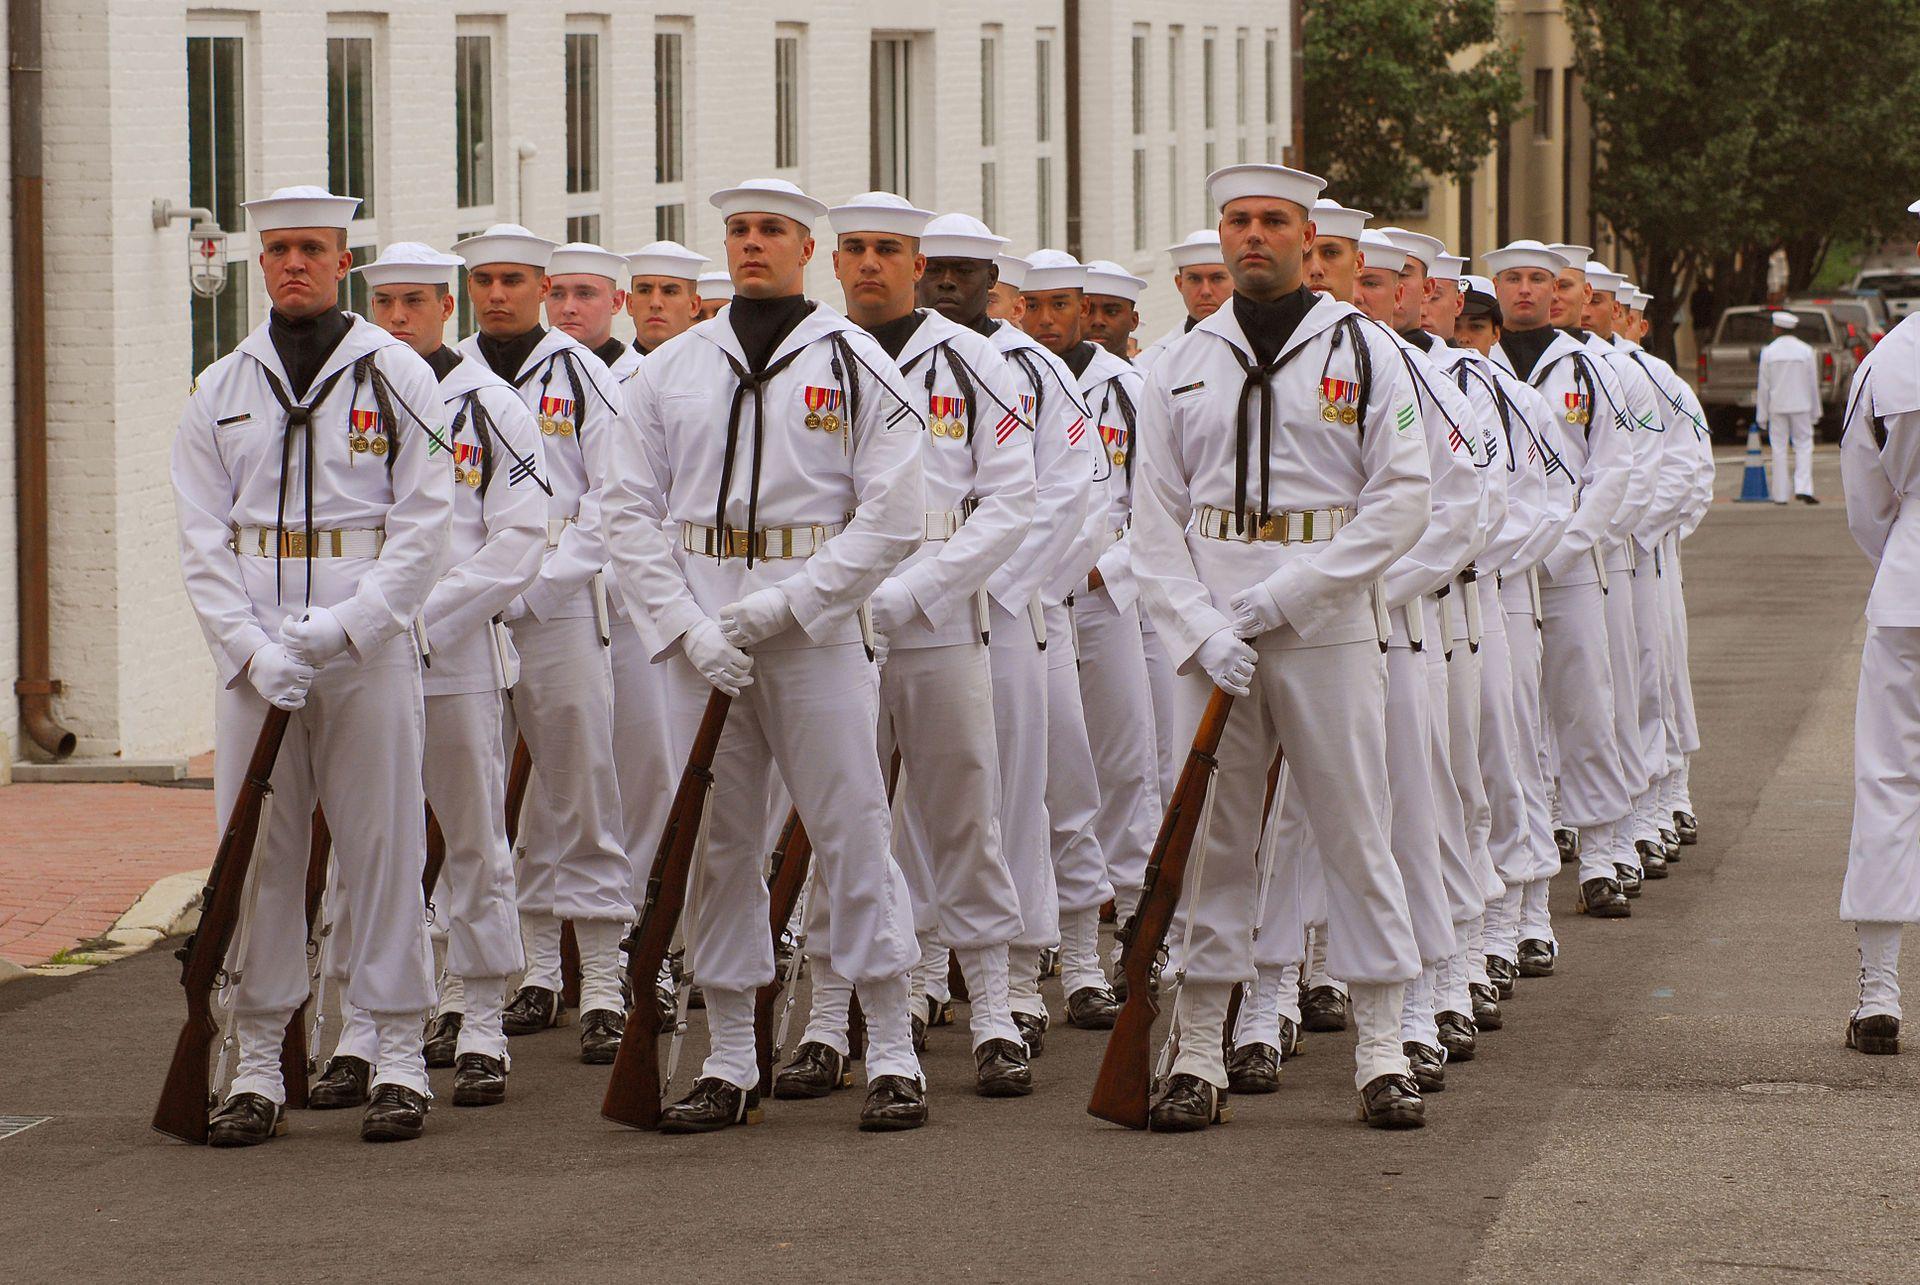 Us Navy 091002 N 3442d 001 Members Of The Us Navy Ceremonial - Us-navy-ceremonial-guard